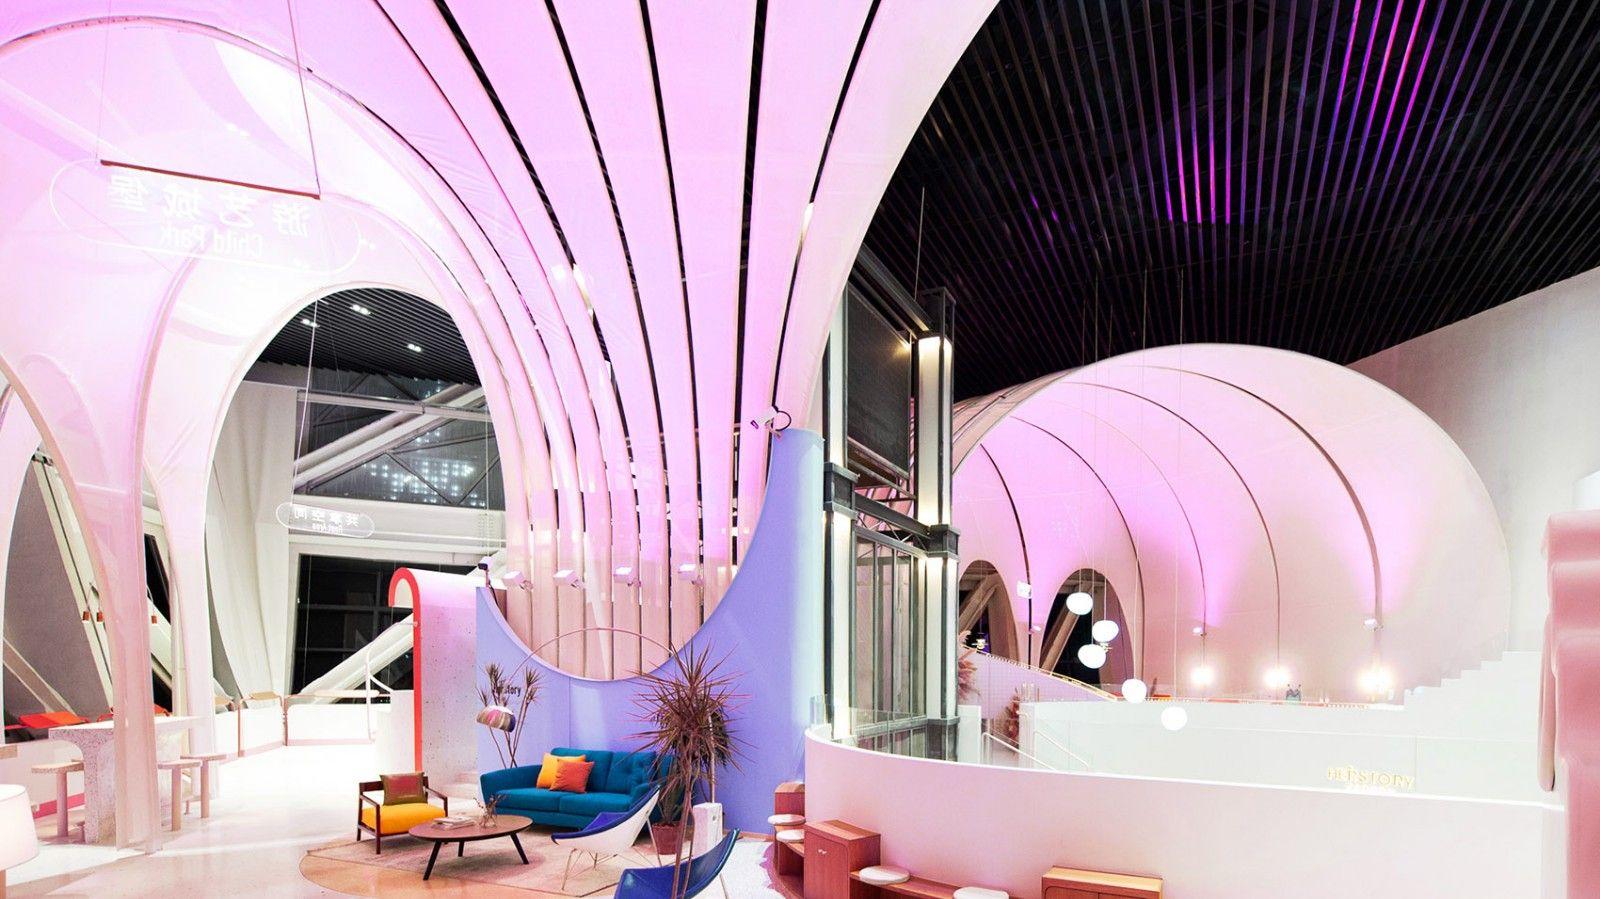 长风大悦城会员空间,上海 / 裸筑更新 裸筑更新建筑设计 - 4